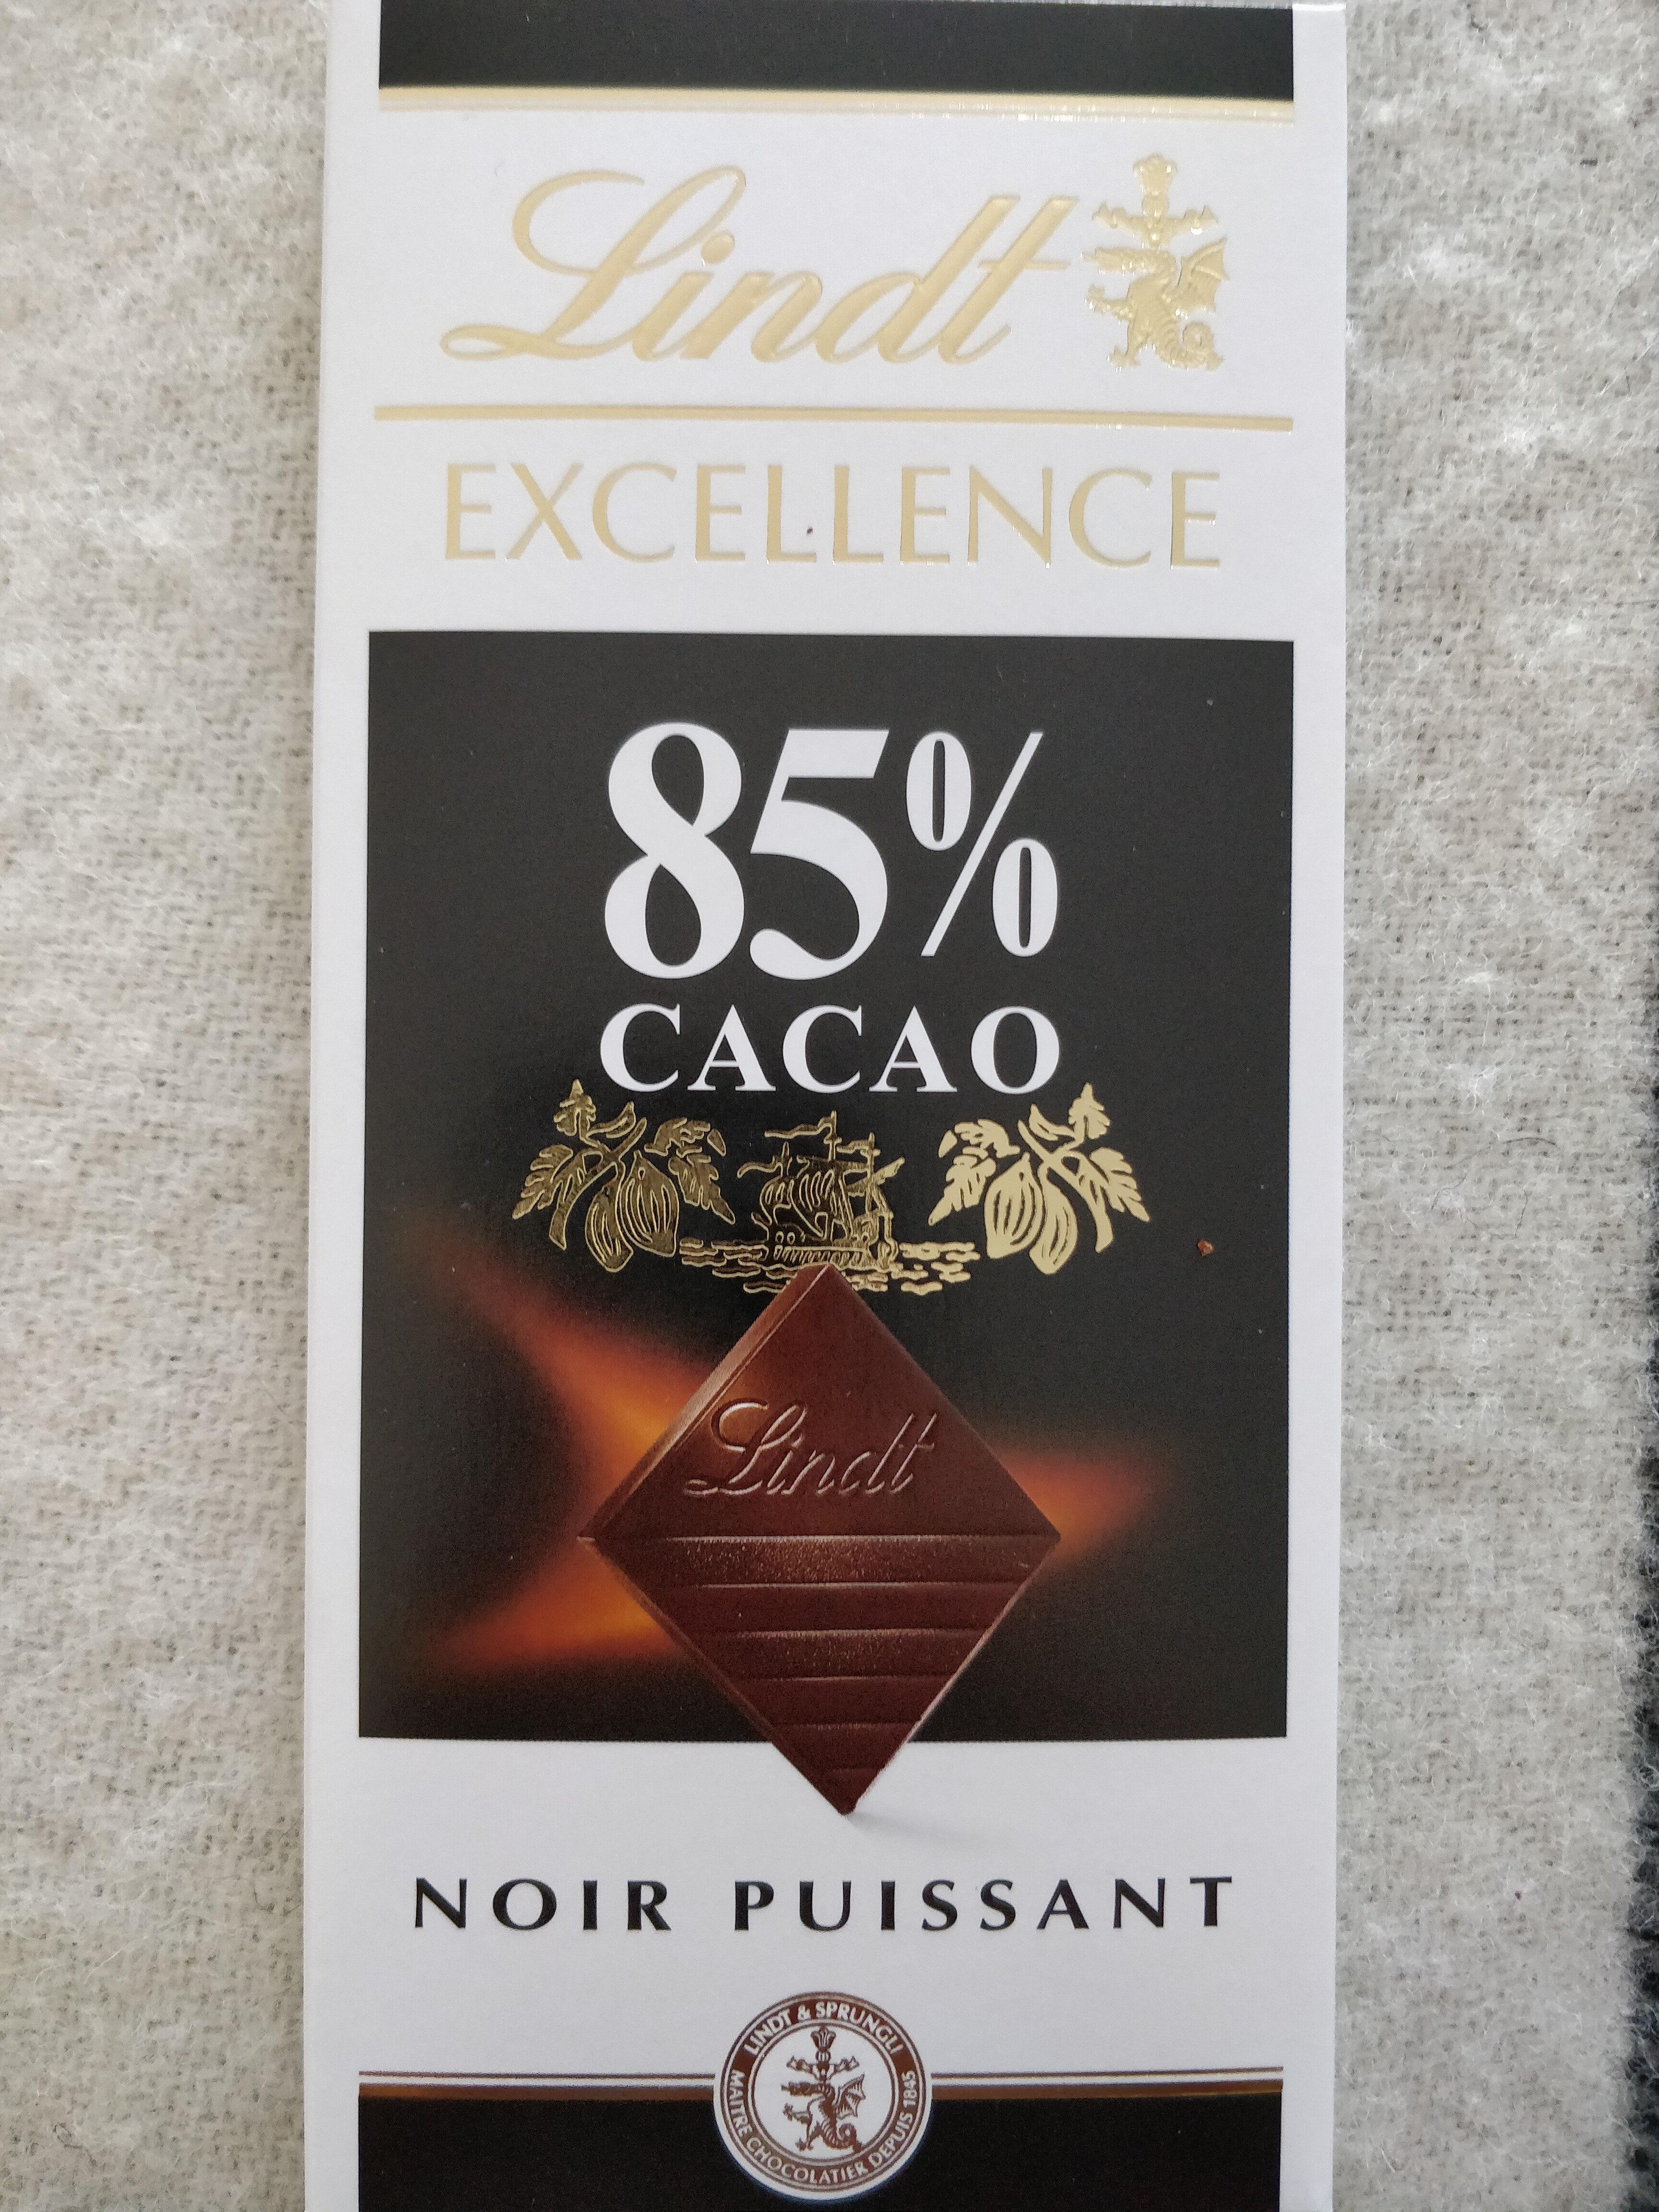 Excellence 85% Cacao Chocolat Noir Puissant Lindt % Lindt - Product - en